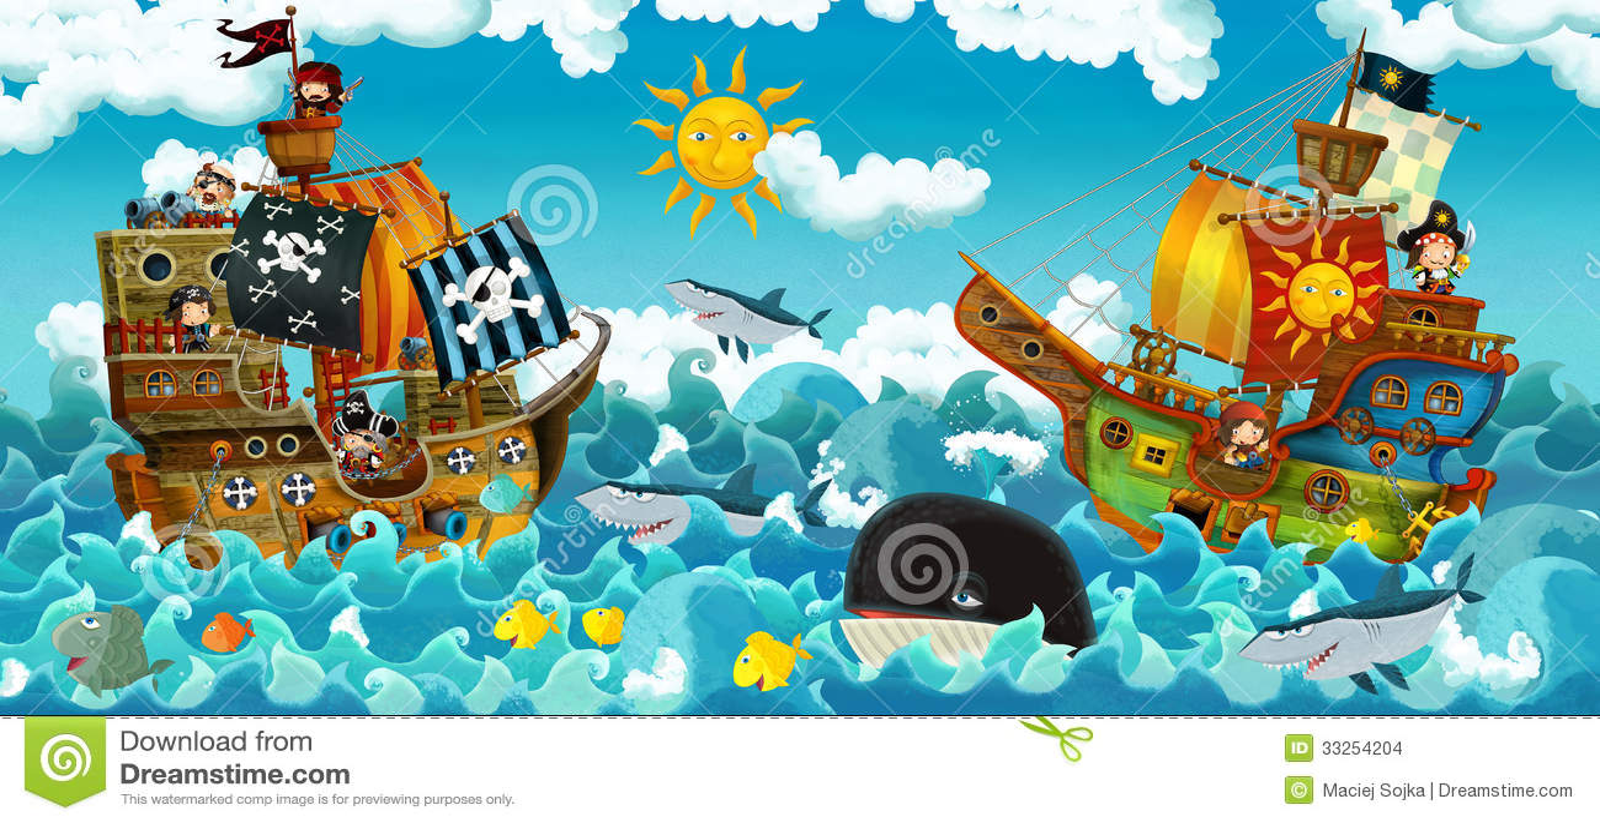 Die piraten auf der seeschlacht illustration für die kinder